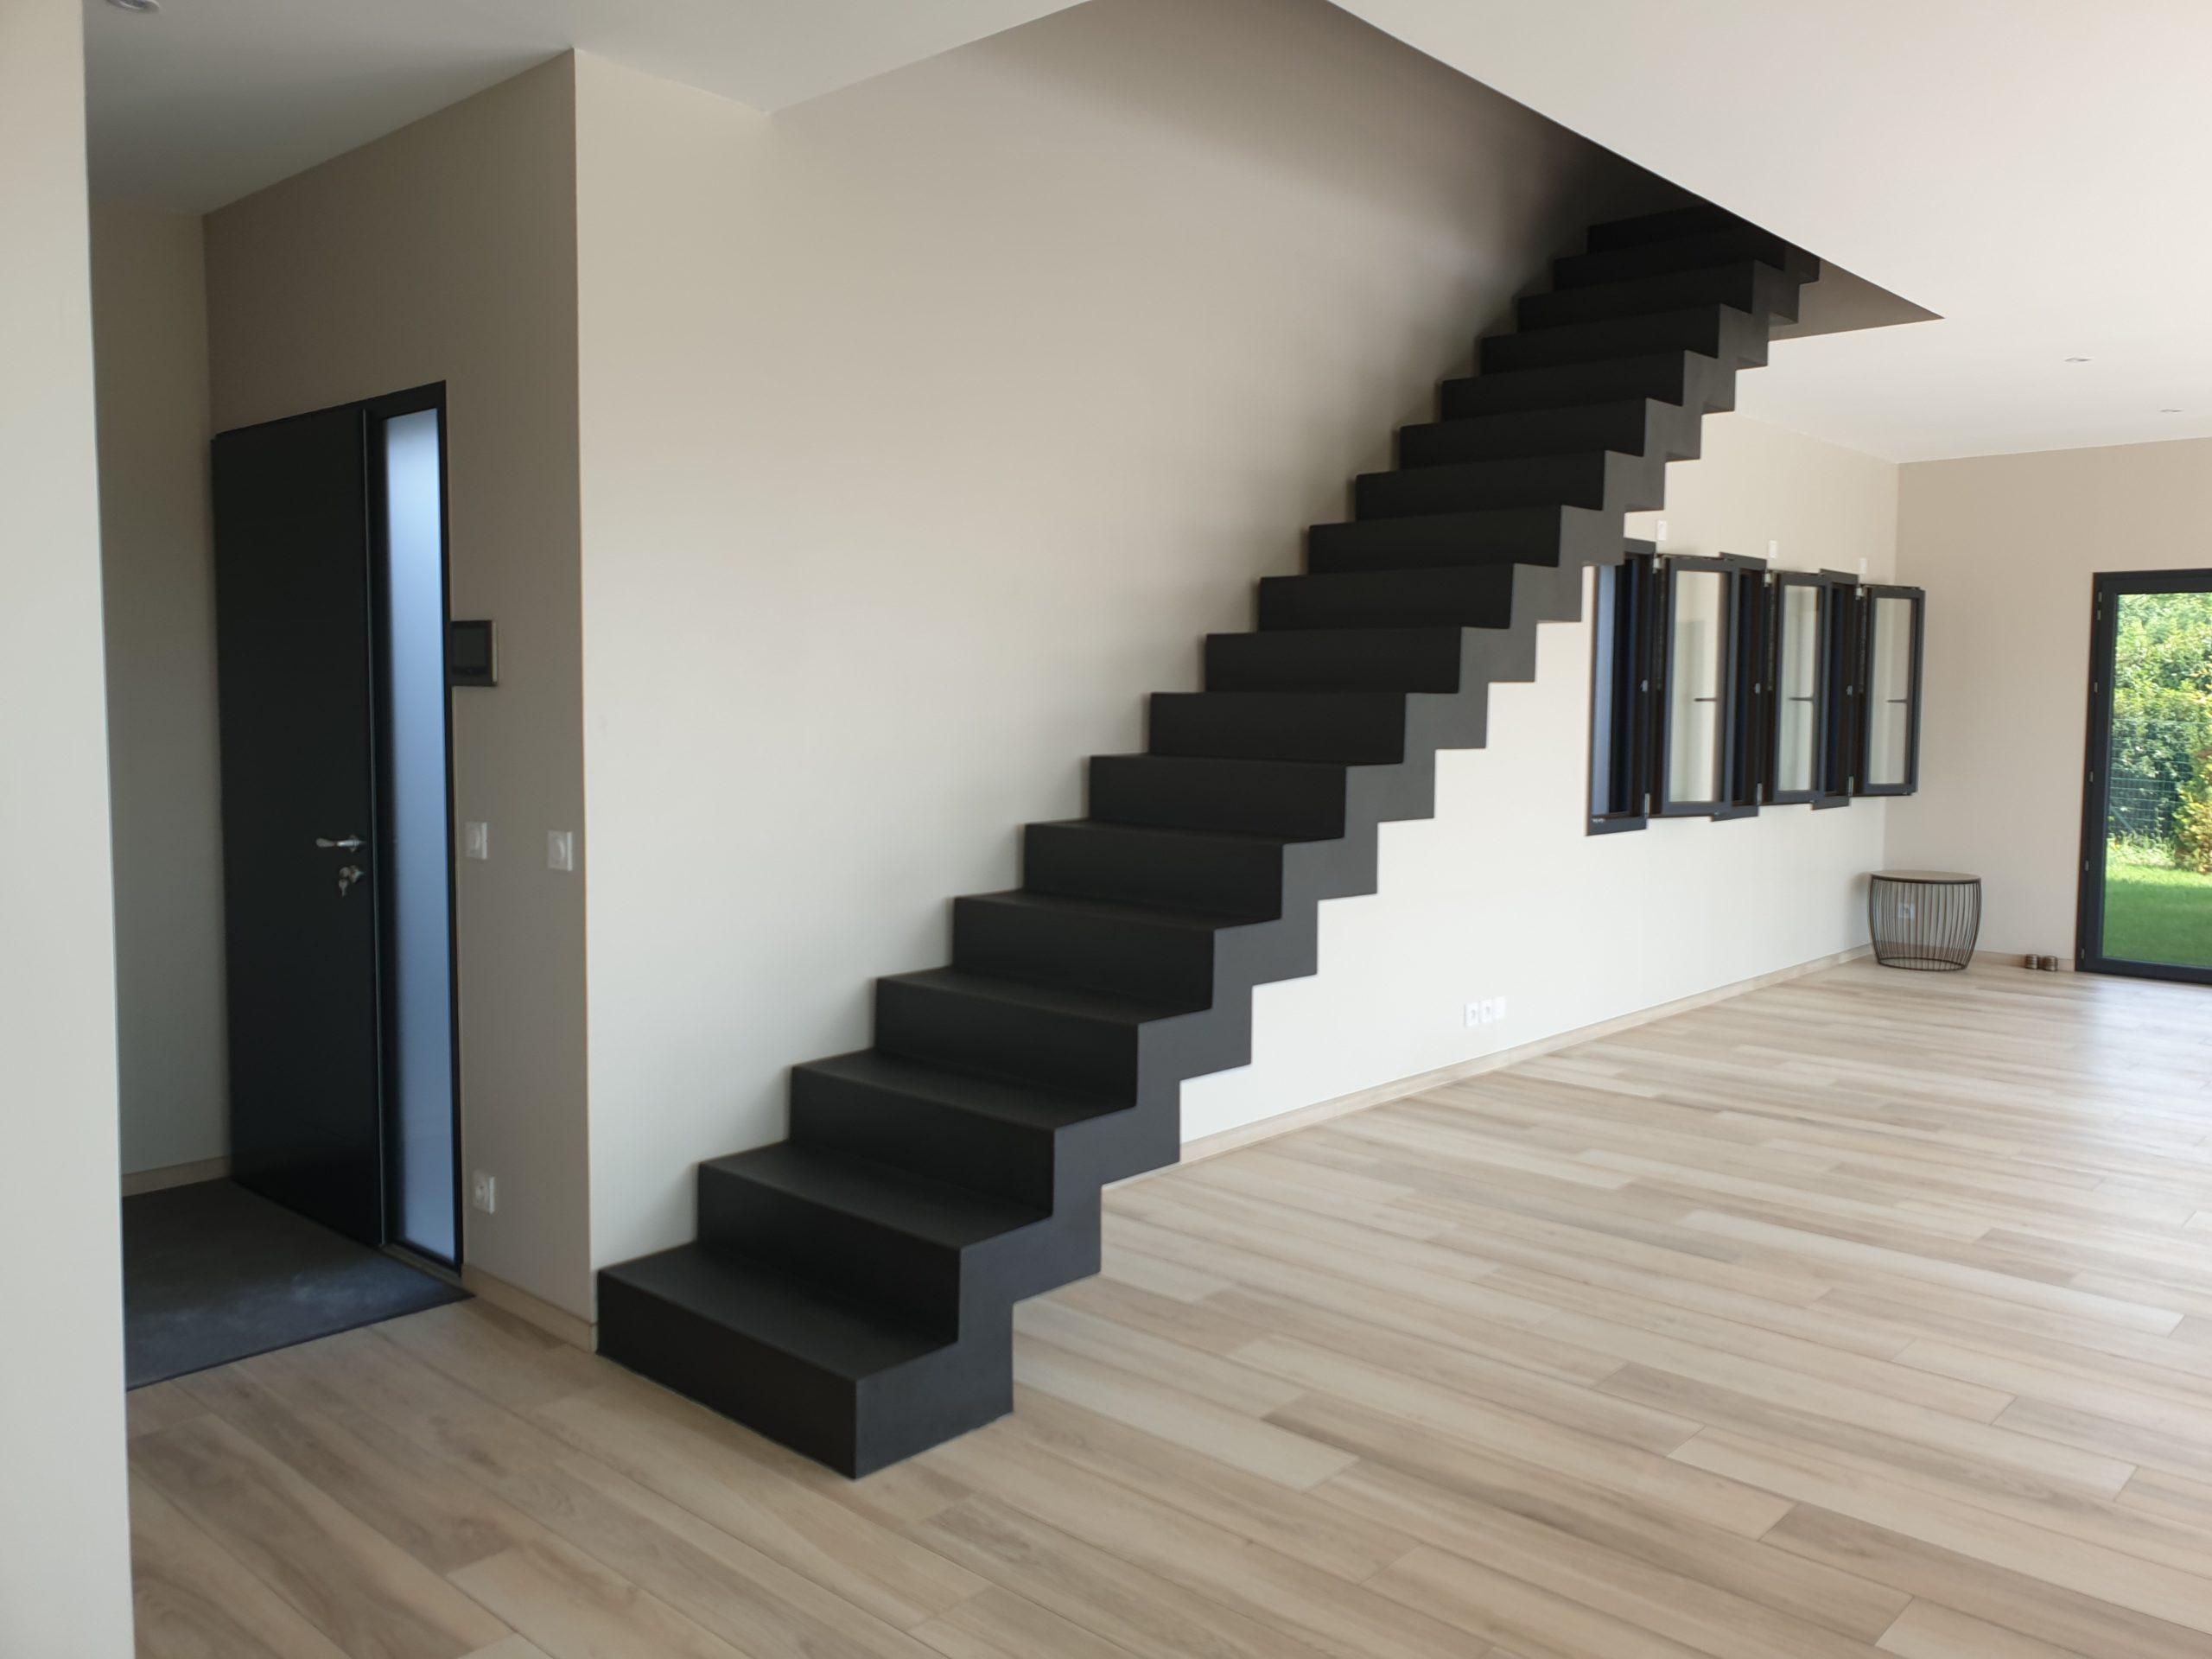 Escalier béton contemporain à l'entrée d'une villa